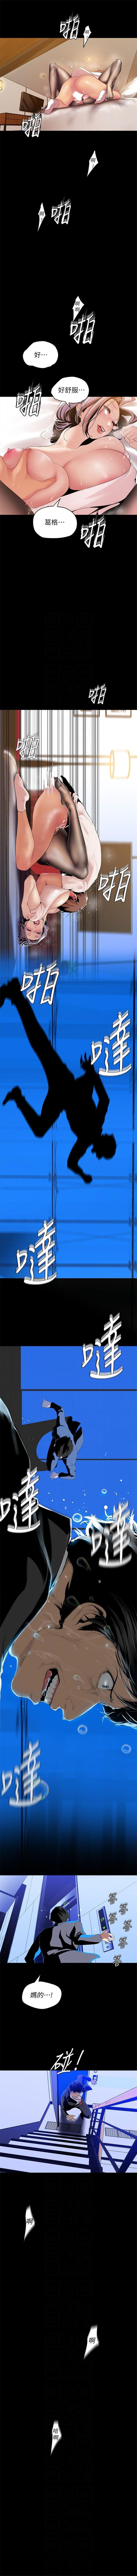 美麗新世界 1-85 官方中文(連載中) 379